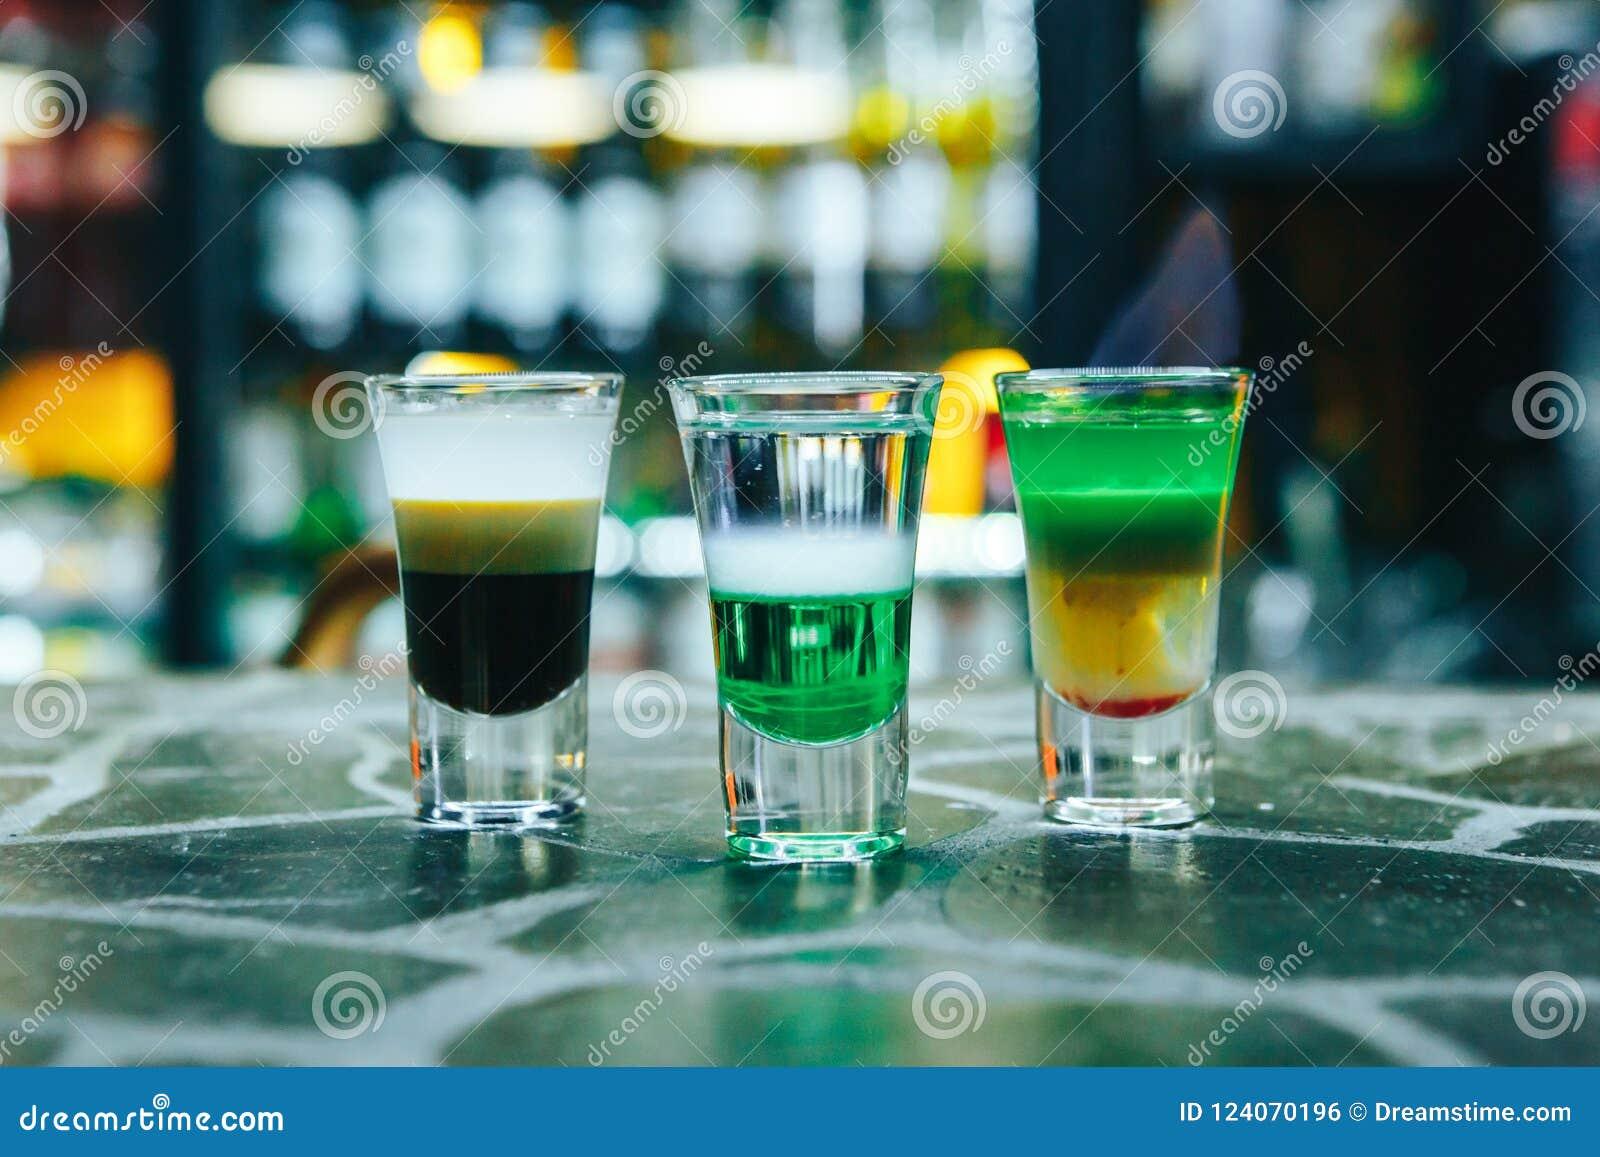 Cocktail brûlant multicouche sur la barre Cocktails courts alcooliques sur la barre